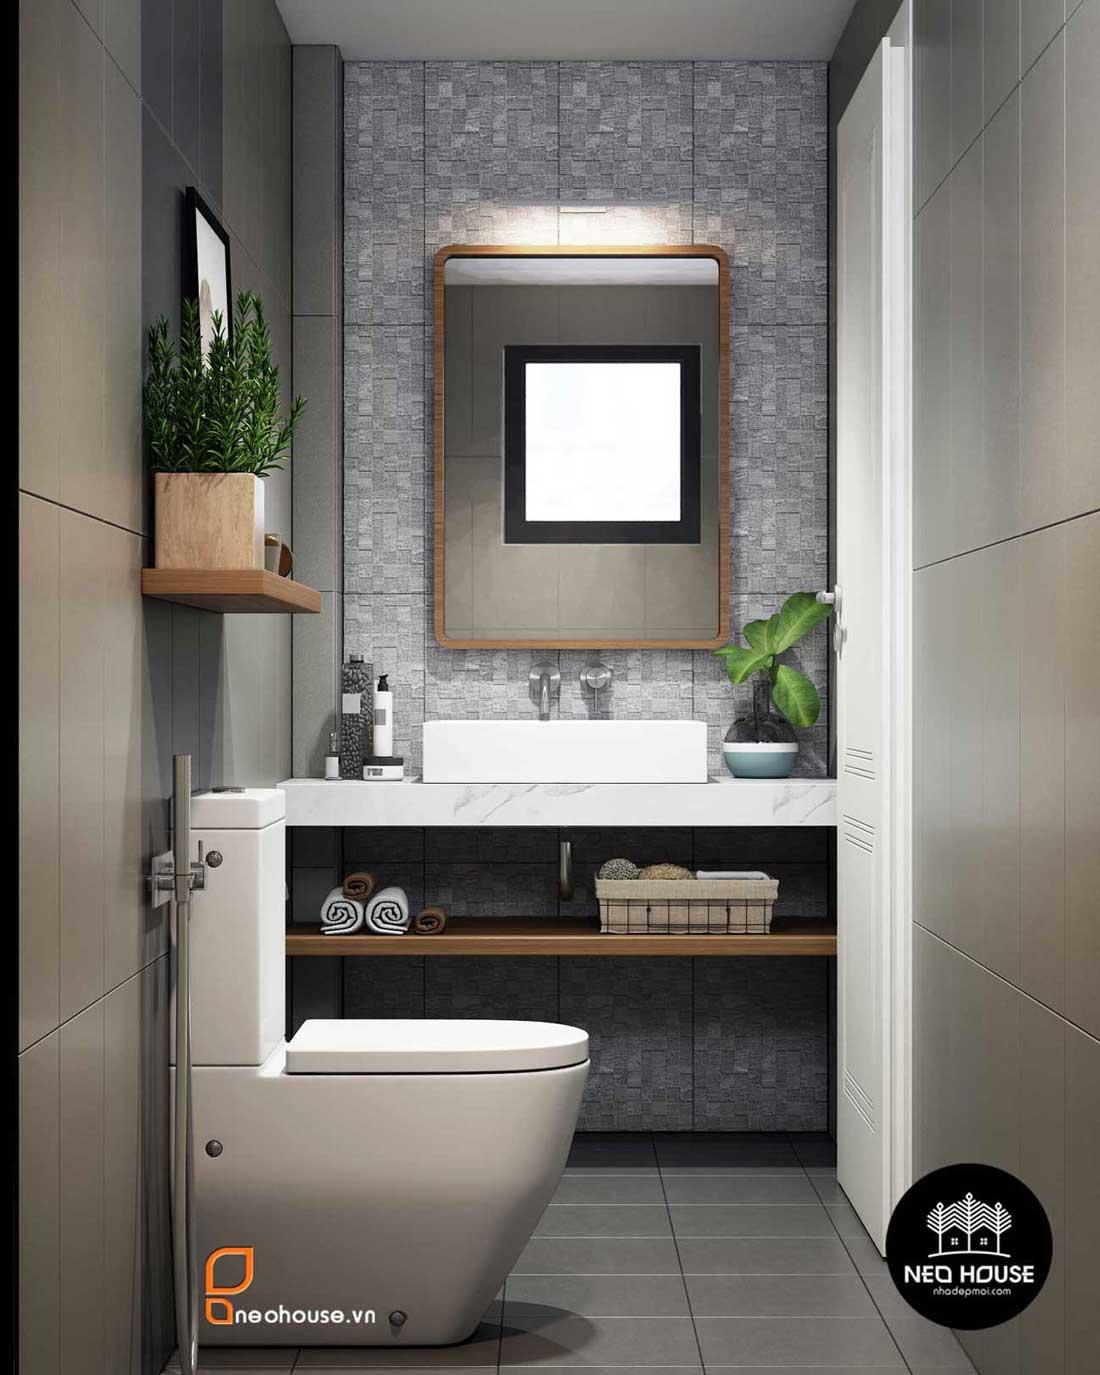 Thiết kế nội thất phòng vệ sinh nhà phố 8x14m. Ảnh 1